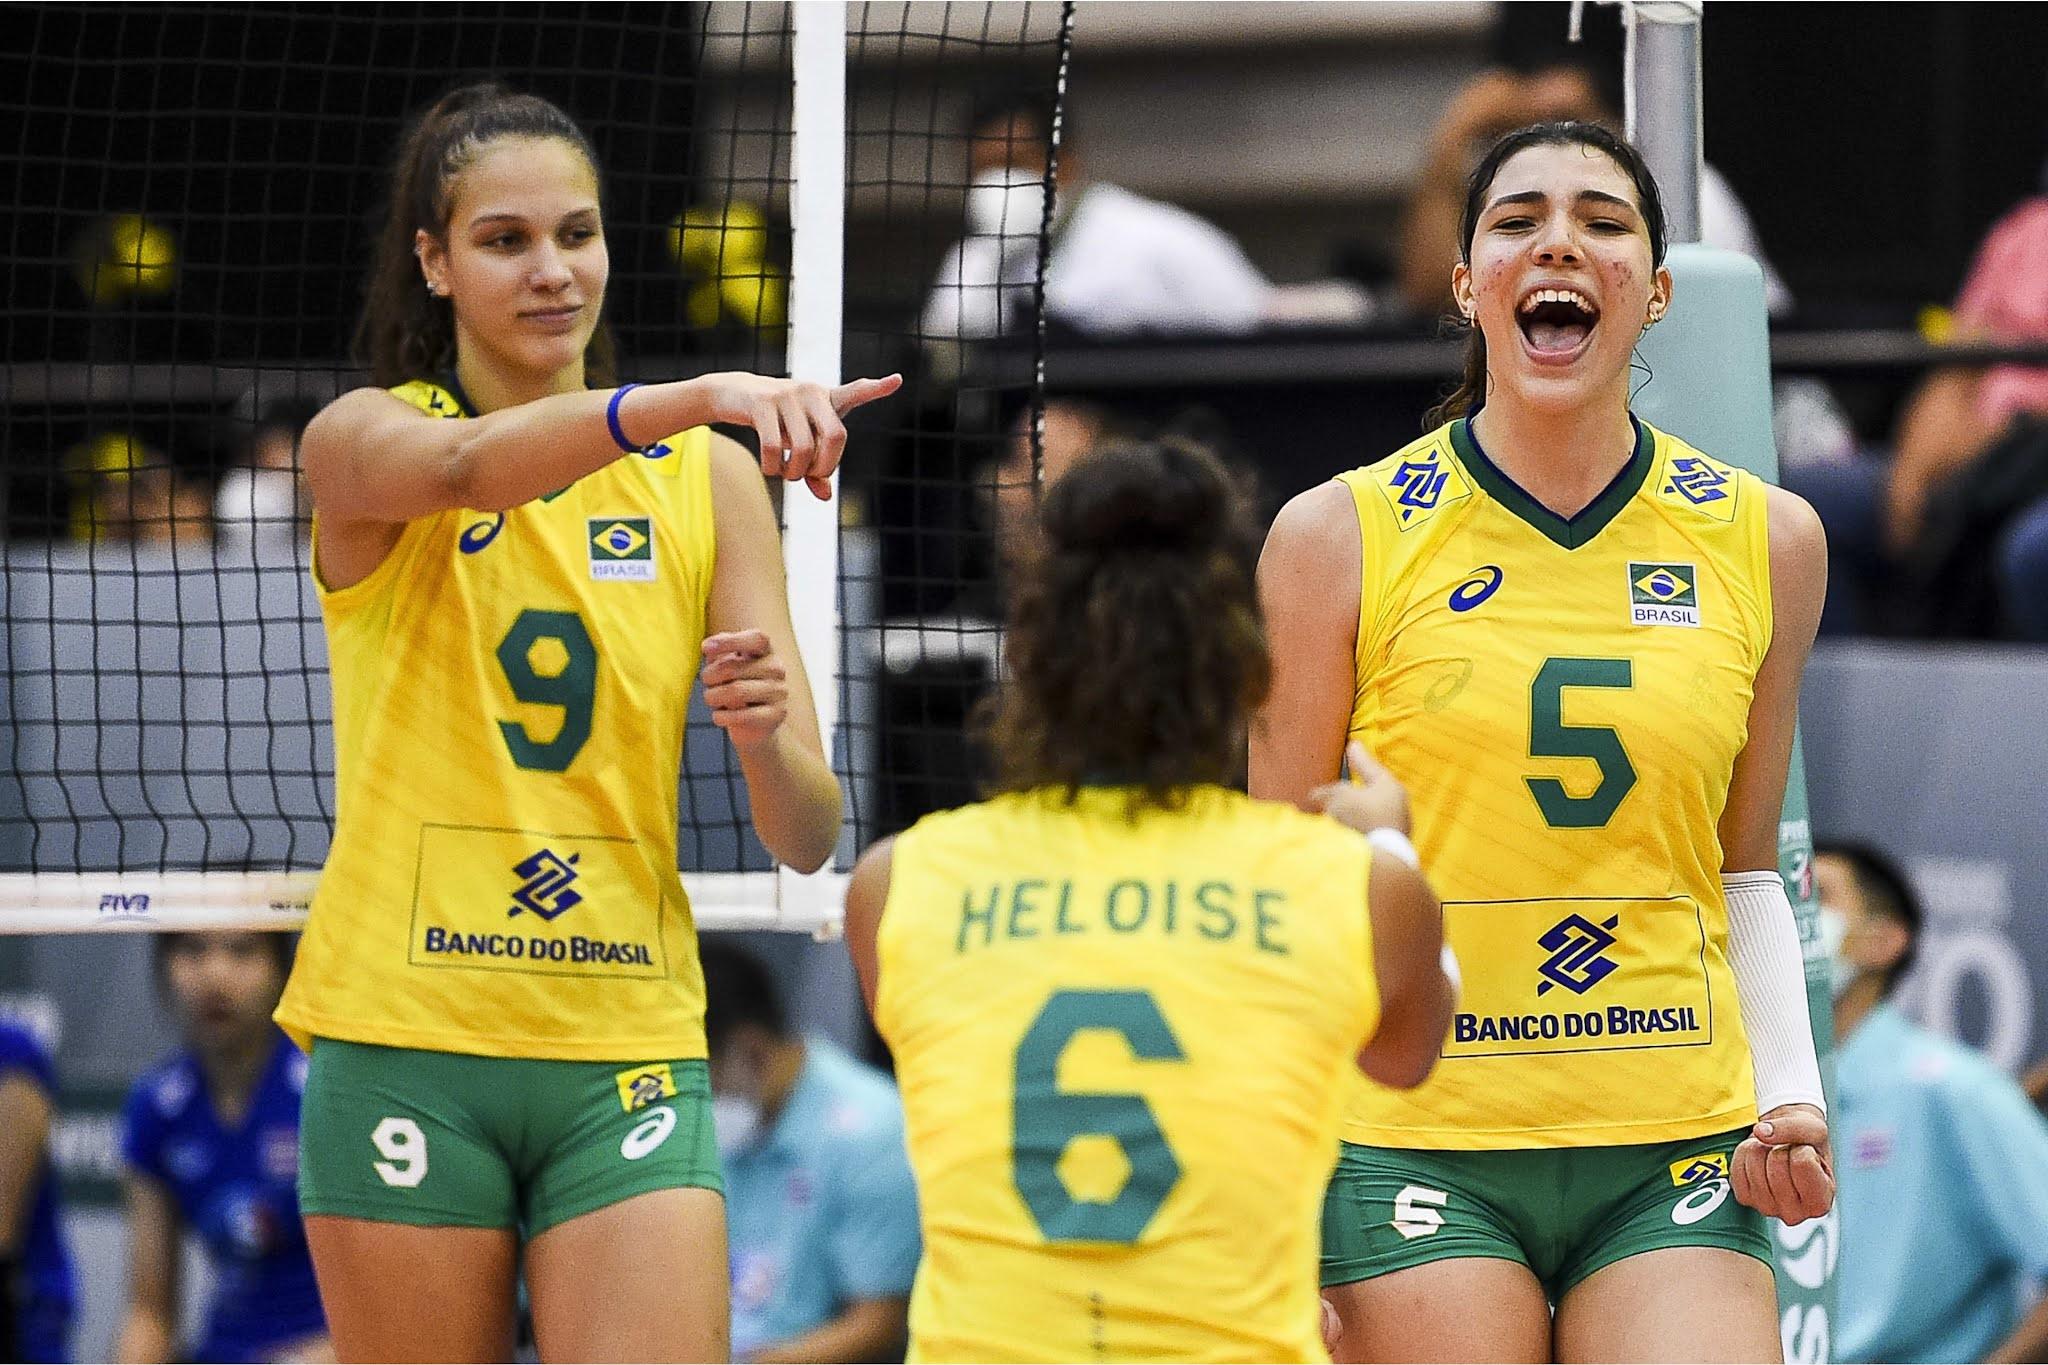 Luzia e seleção brasileira sub-18 de vôlei feminino